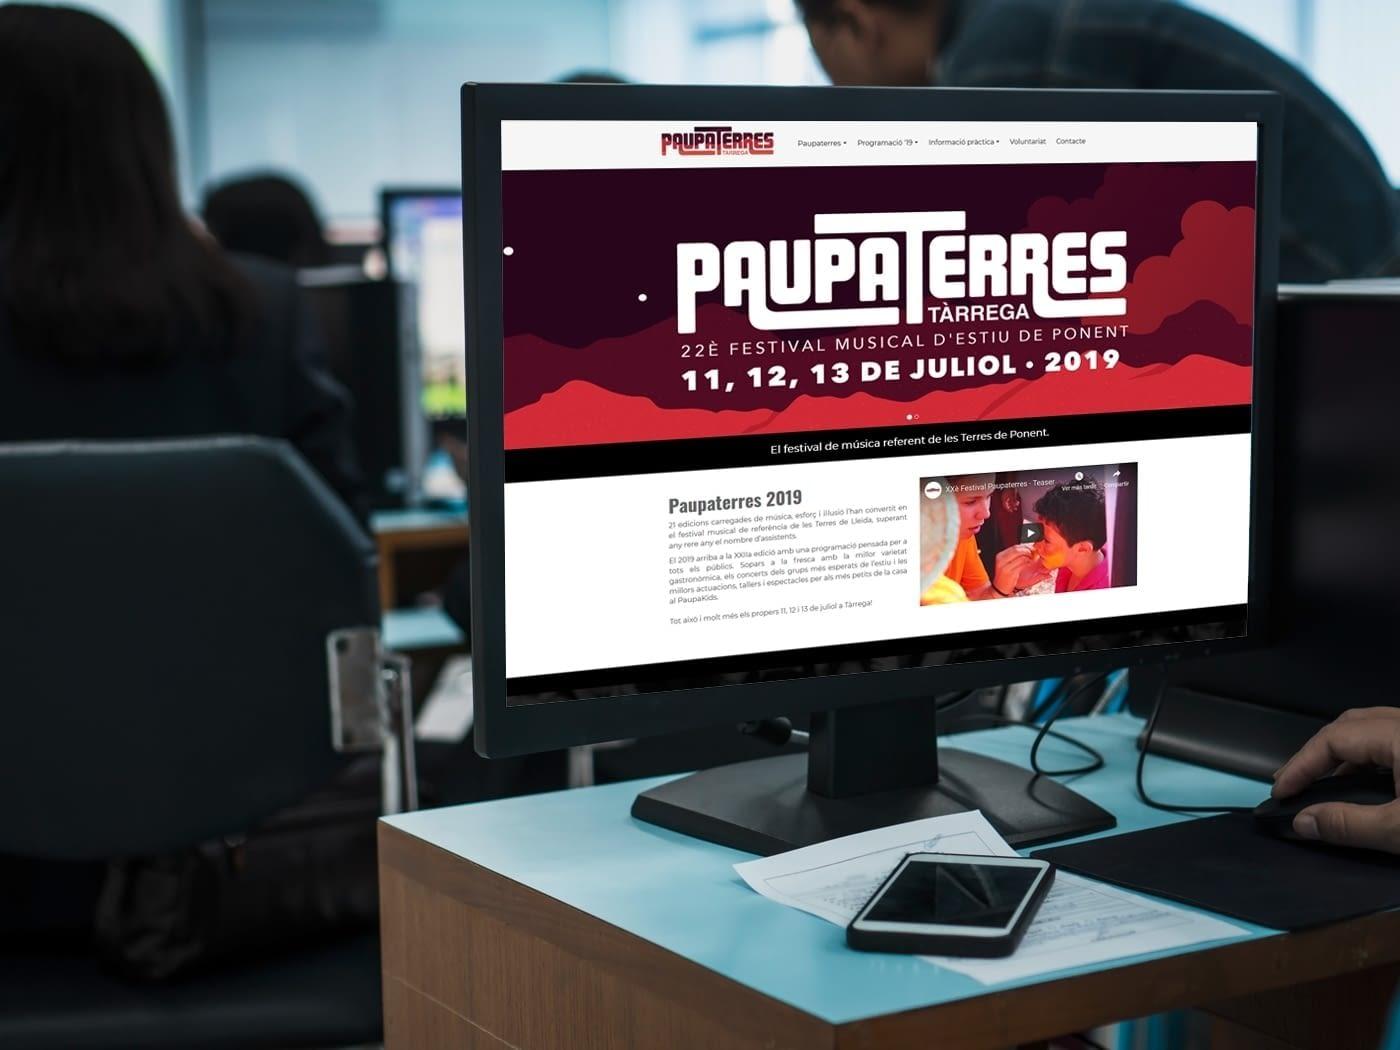 Paupaterres